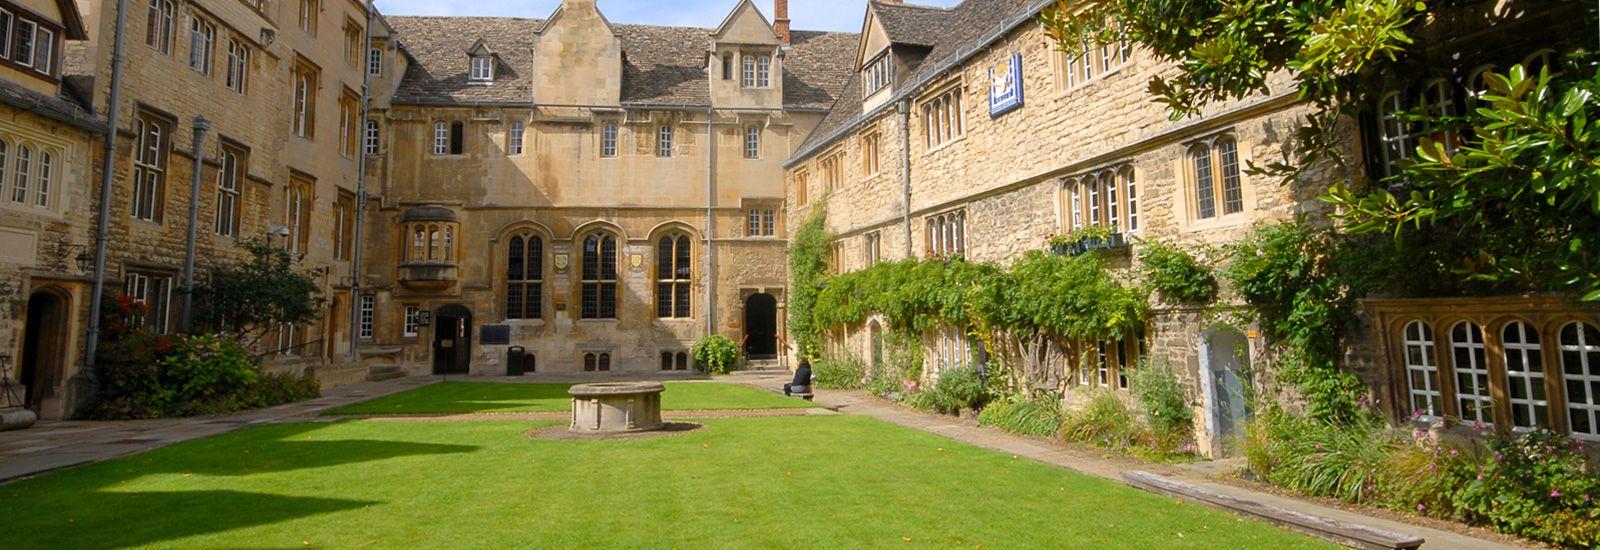 St-Edmund-Hall.jpg